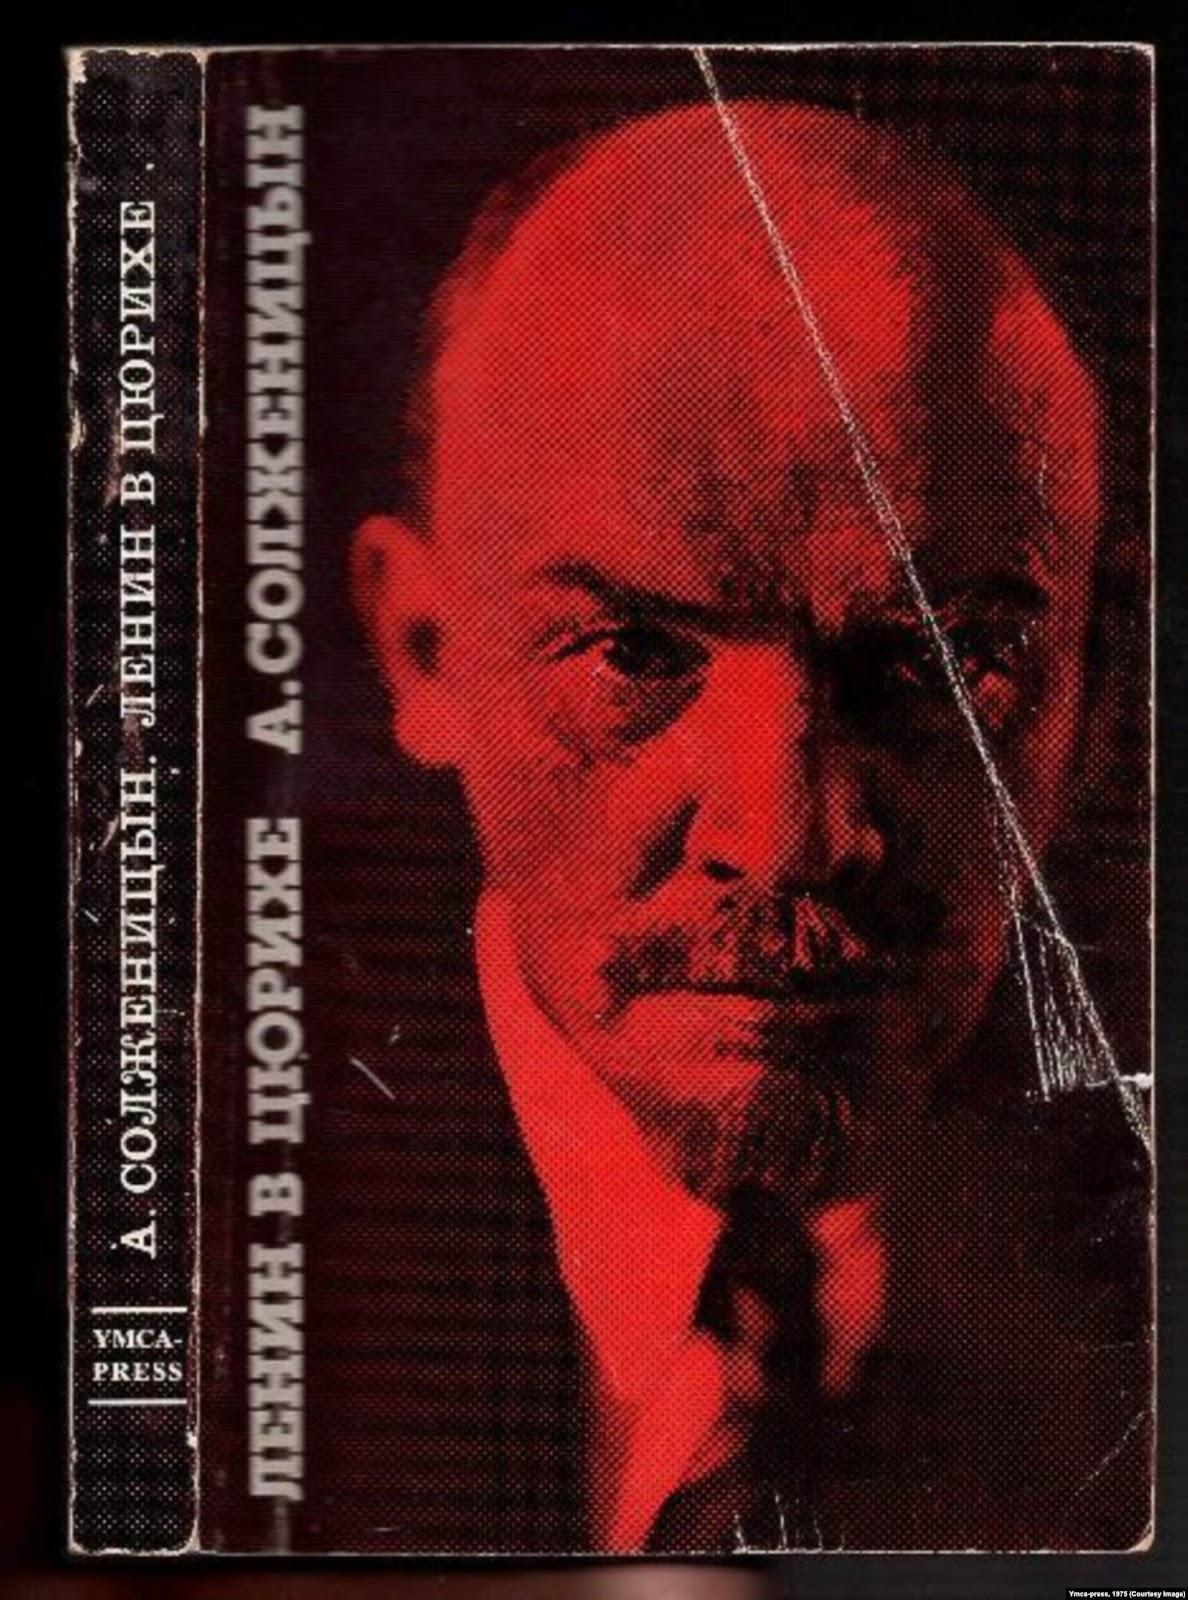 «Ленин в Цюрихе» Александра Солженицына (YМСА press, 1975)